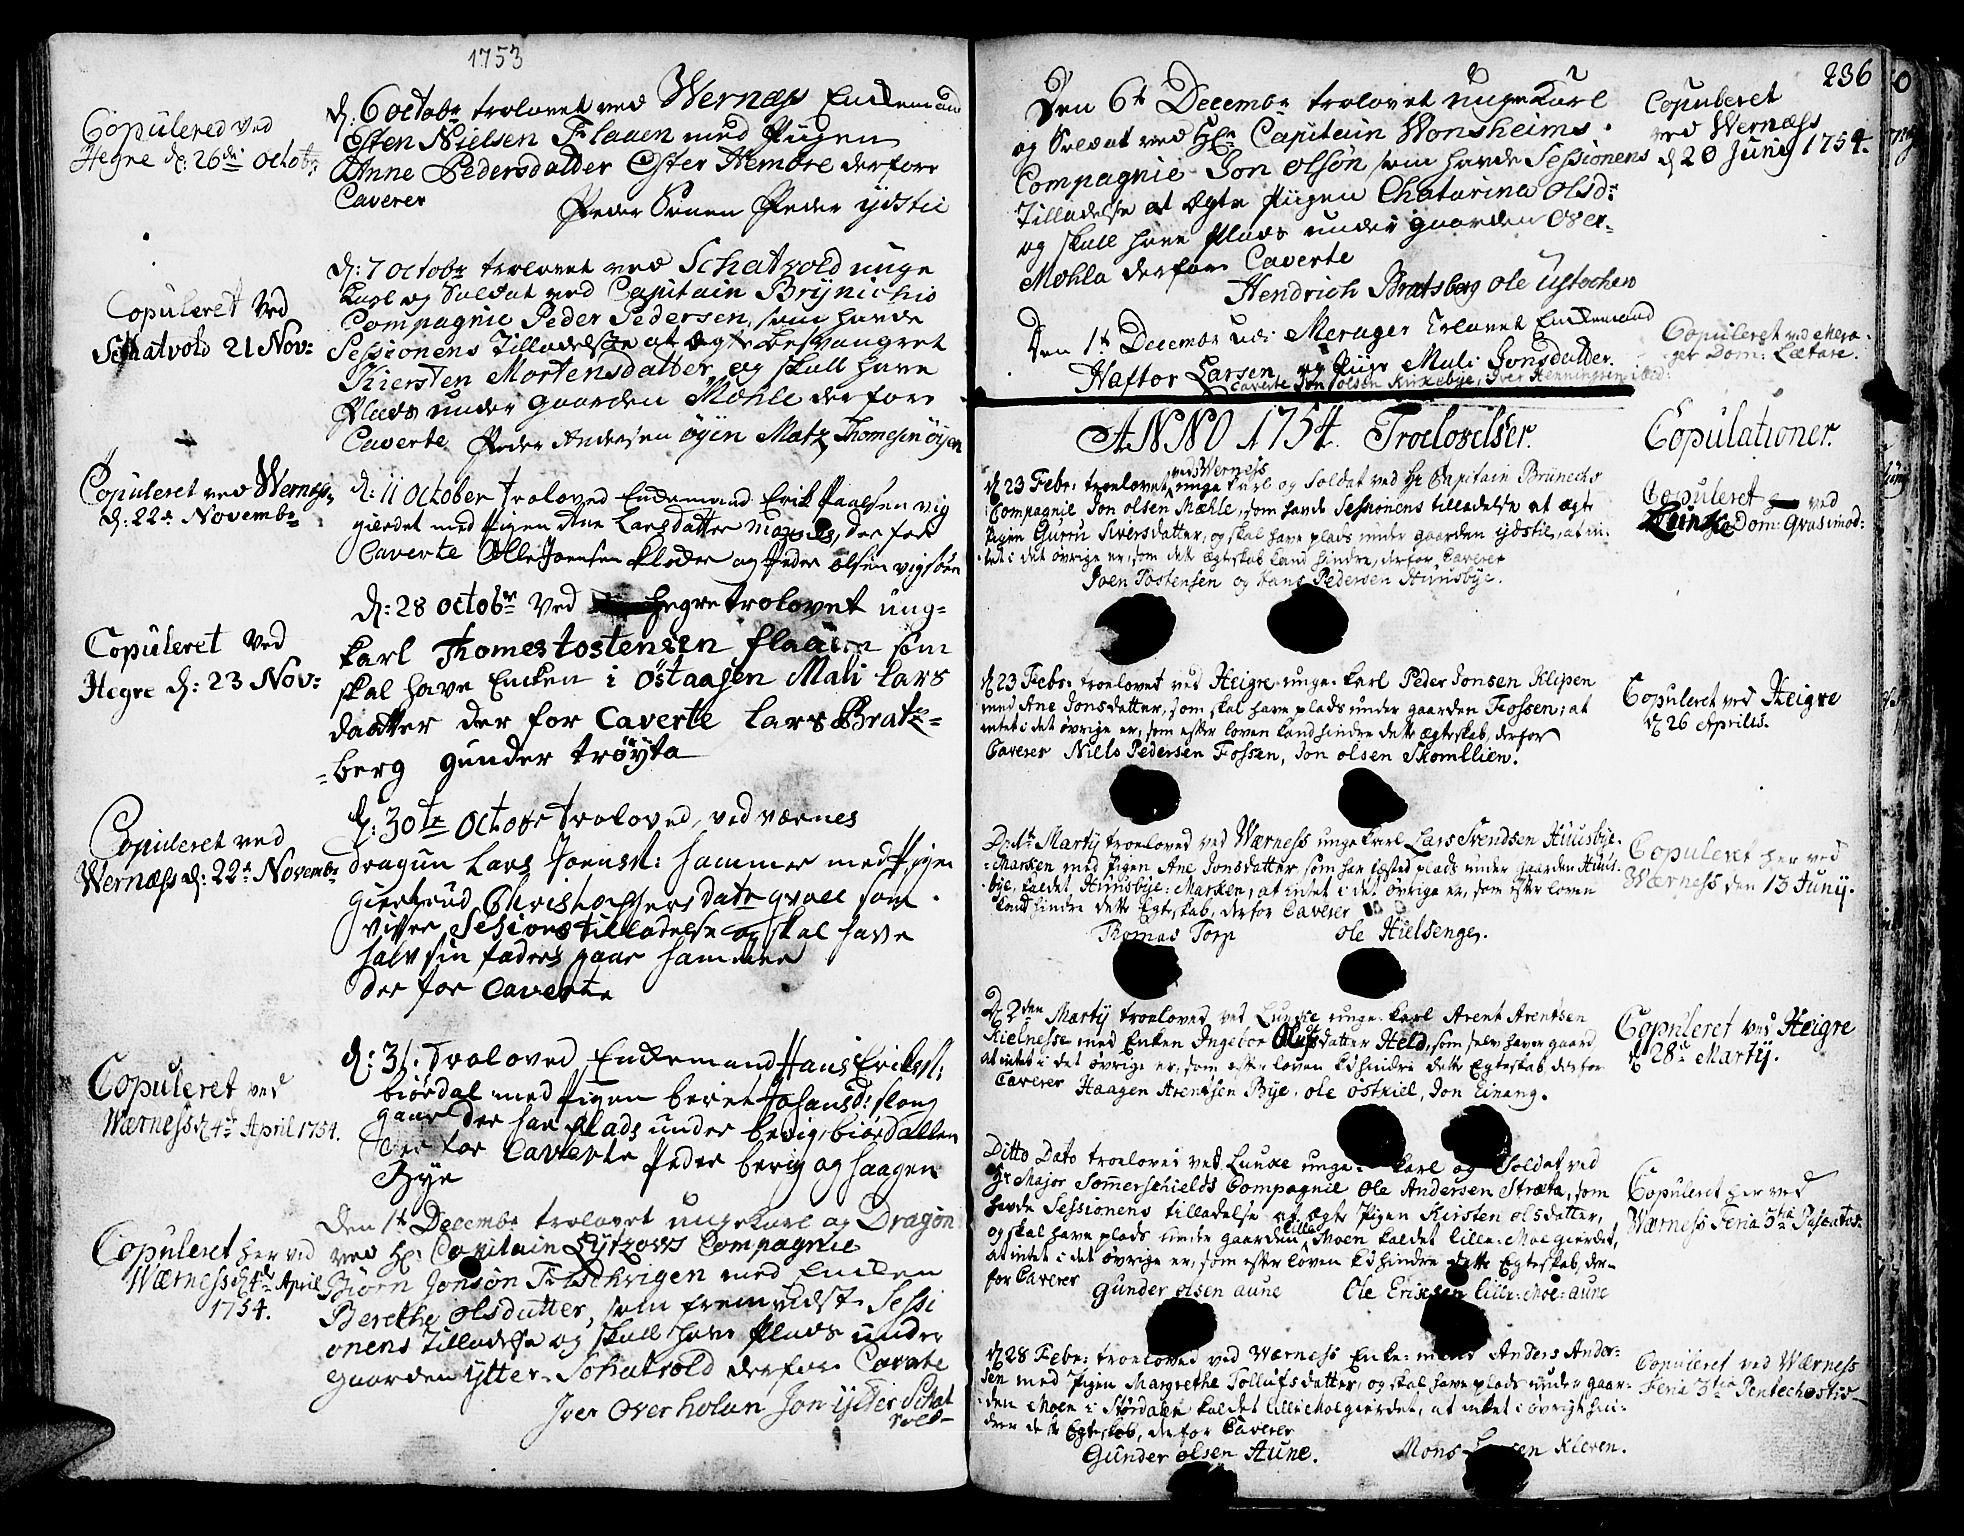 SAT, Ministerialprotokoller, klokkerbøker og fødselsregistre - Nord-Trøndelag, 709/L0056: Ministerialbok nr. 709A04, 1740-1756, s. 236